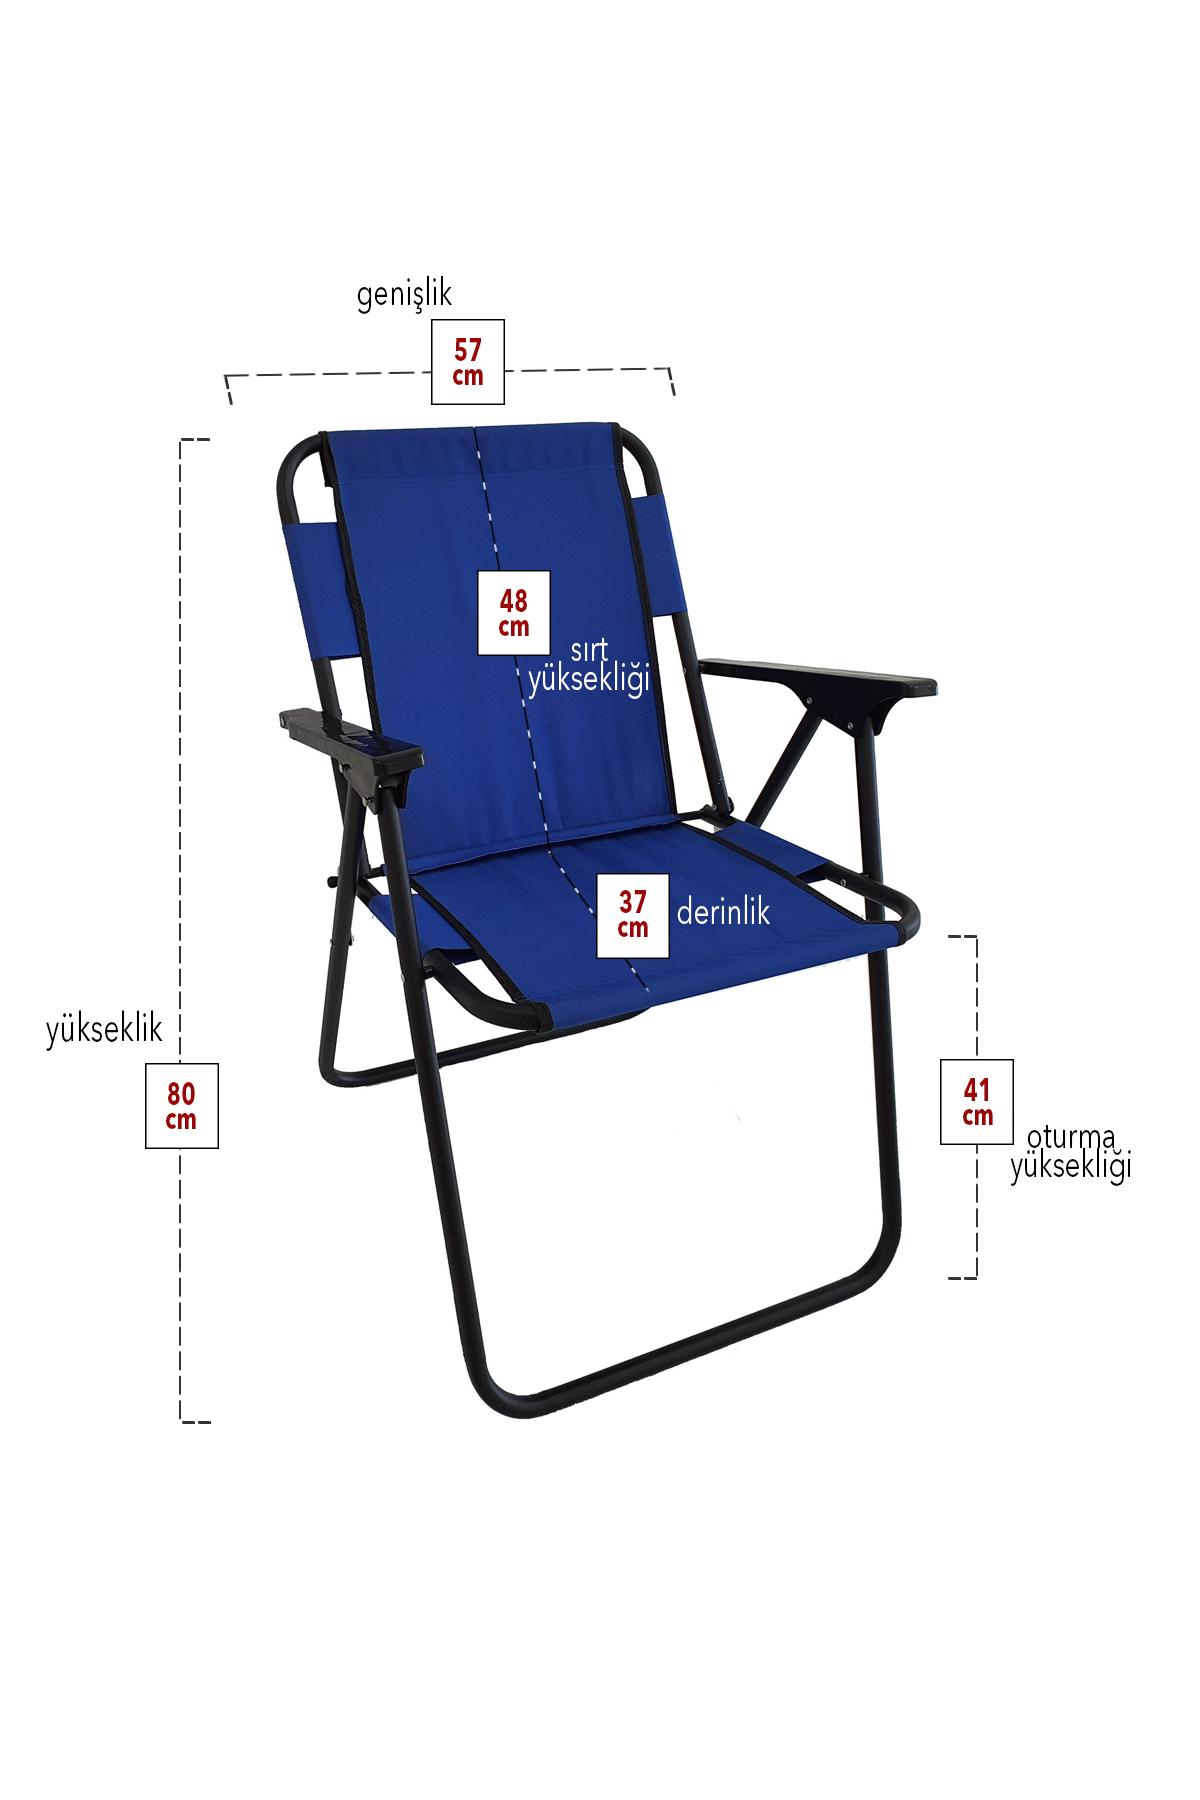 Bofigo 2 Adet Kamp Sandalyesi Katlanır Sandalye Piknik Sandalyesi Plaj Sandalyesi Mavi